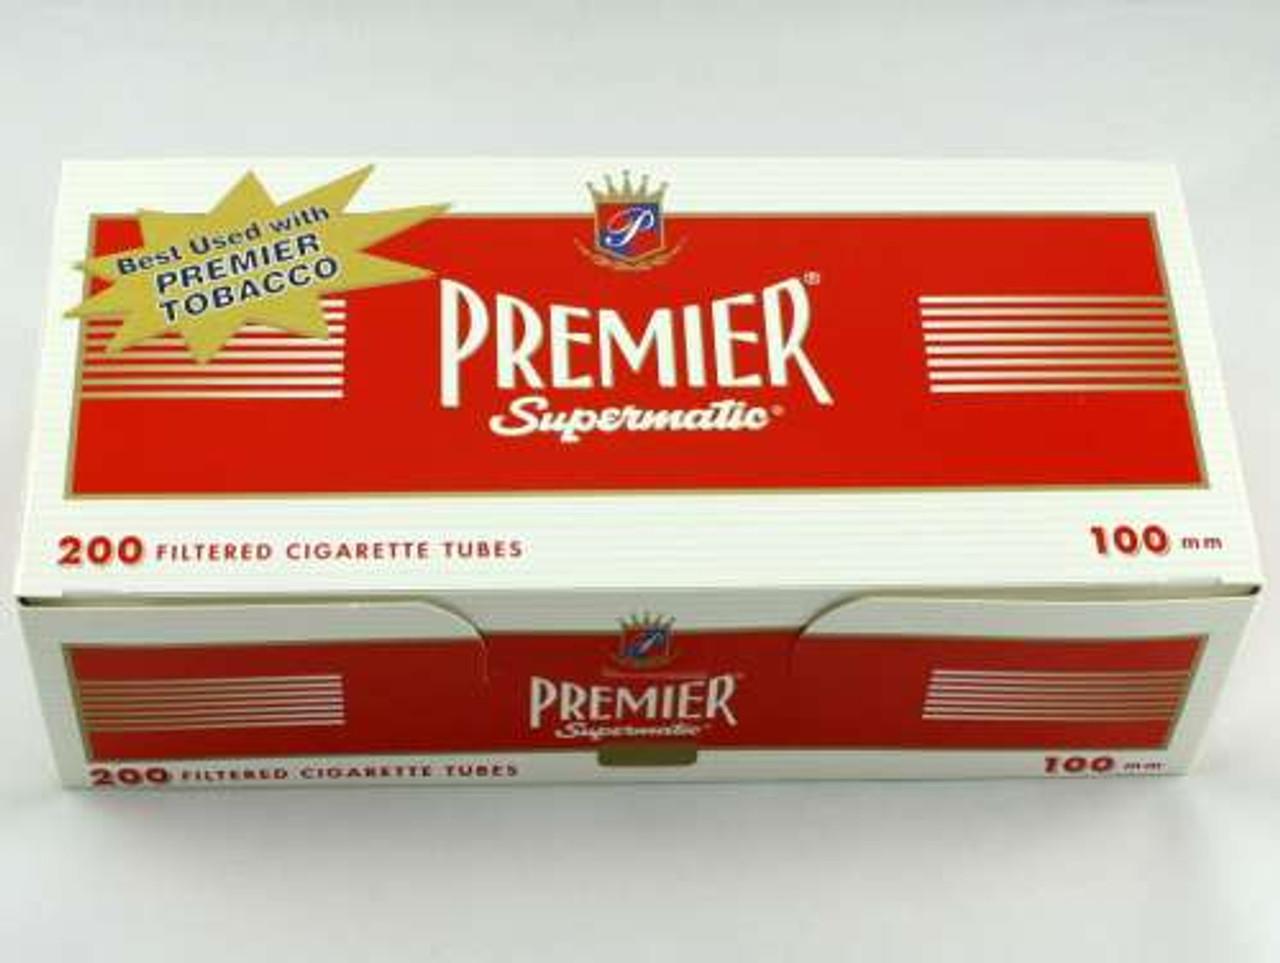 Premier Full Flavor 100's Cigarette Tubes